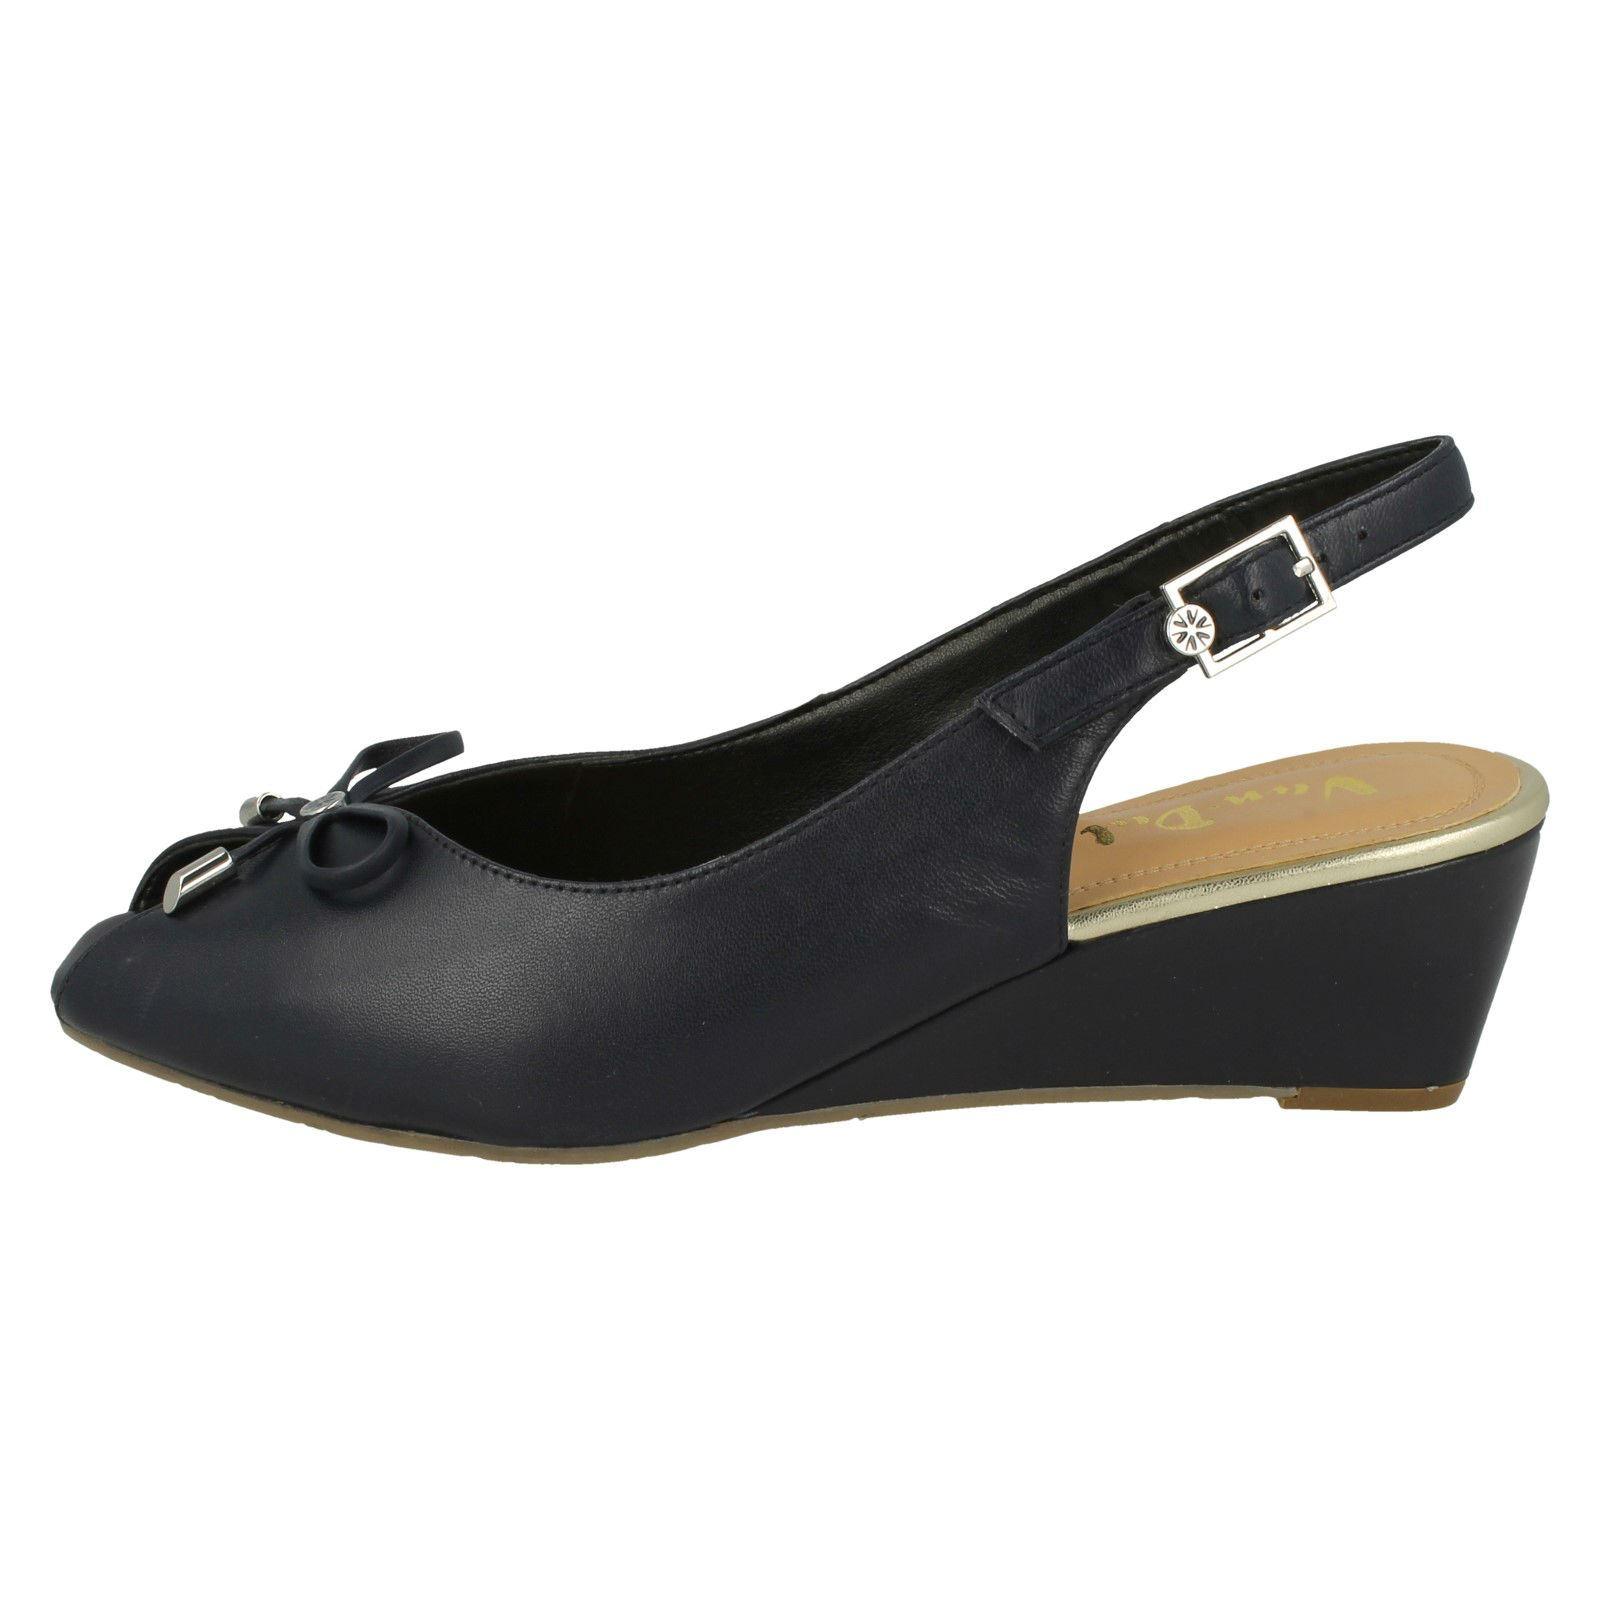 Ladies Van Dal Sling Back Wedge Open Toe Sandals 'Oxley'